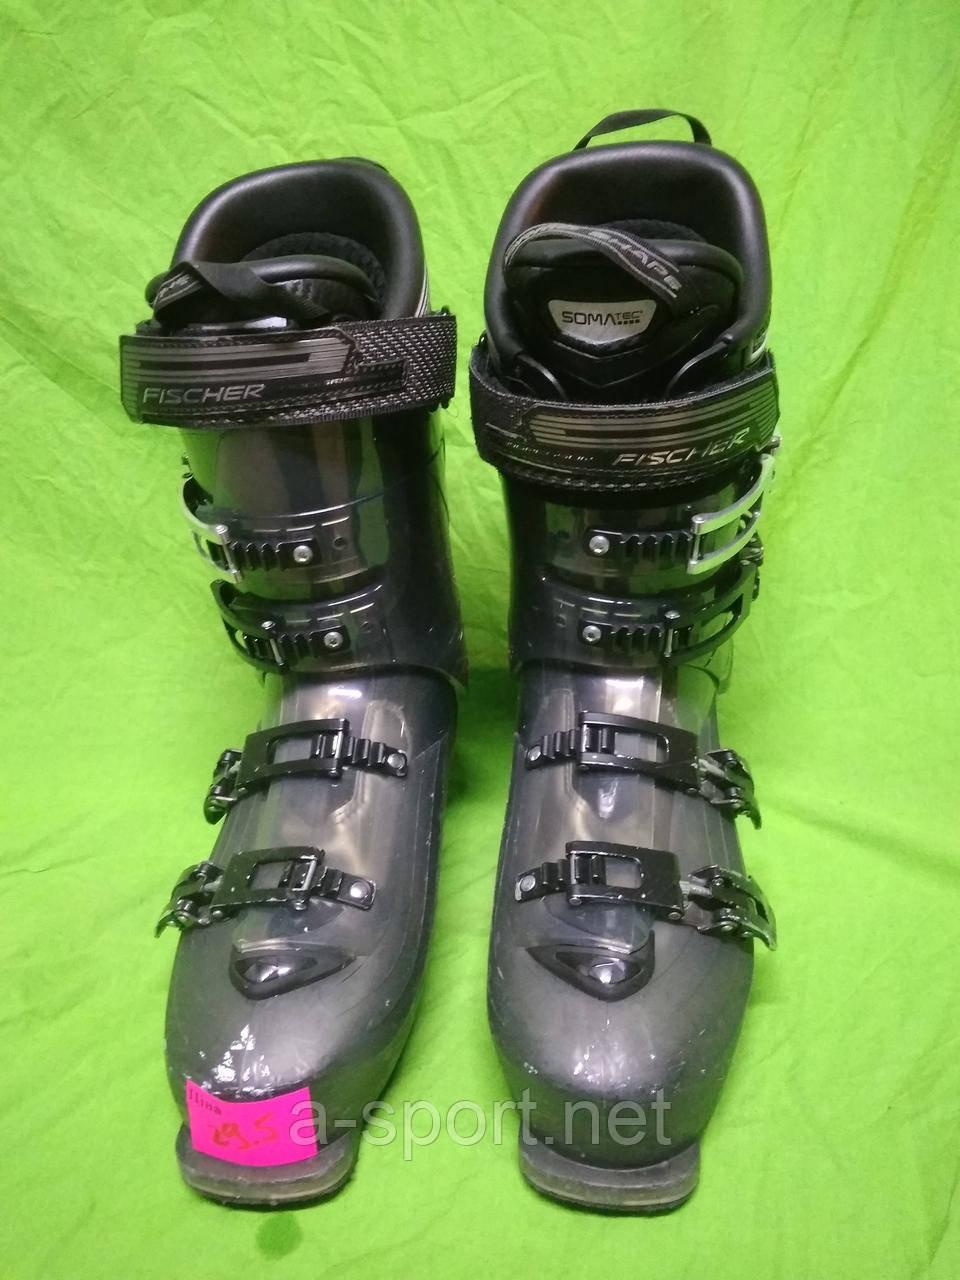 Гірськолижні черевики fischer progressor 12 29.5 см   продажа 84dabe7cba429